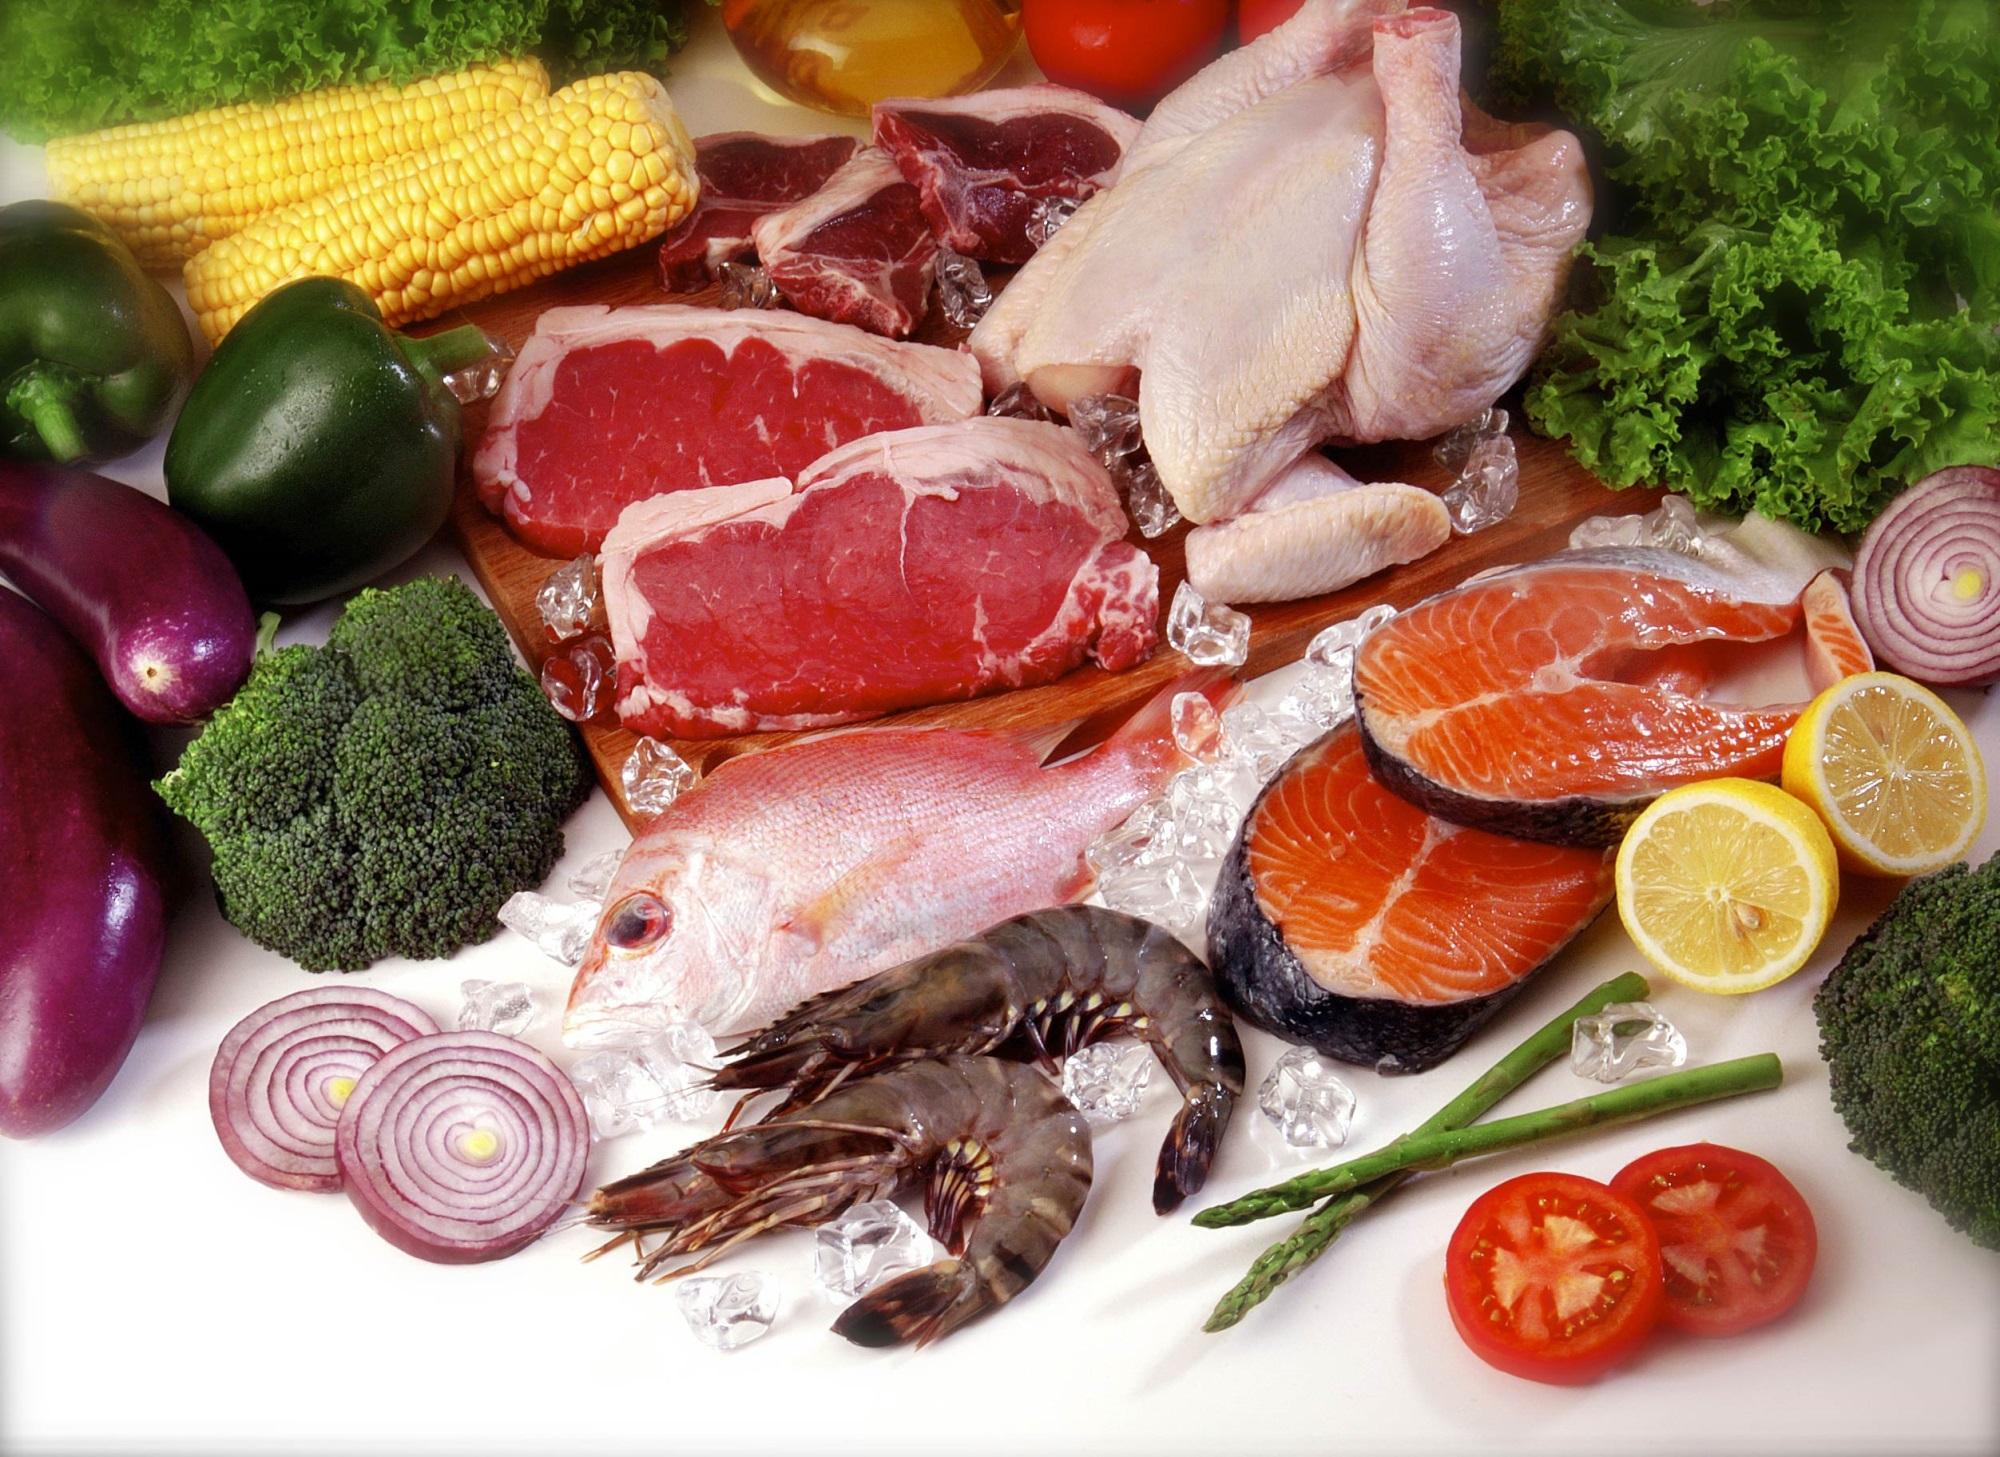 Trẻ suy dinh dưỡng nên ăn gì để phát triển khỏe mạnh? - Ảnh 1